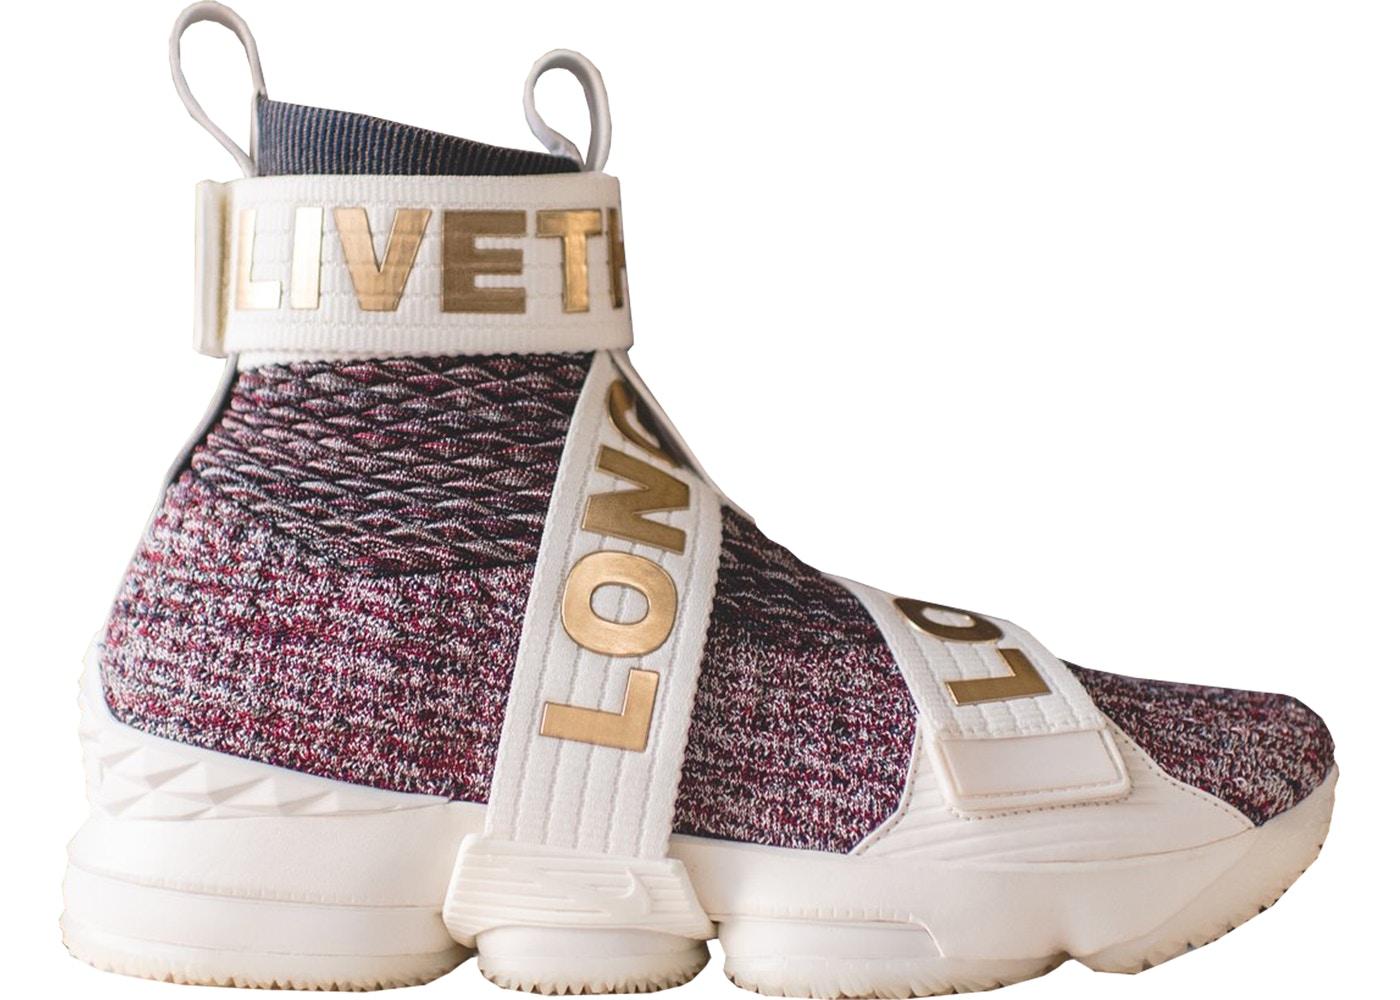 ナイキ メンズ レブロン15 Nike Lebron 15 Lifestyle KITH